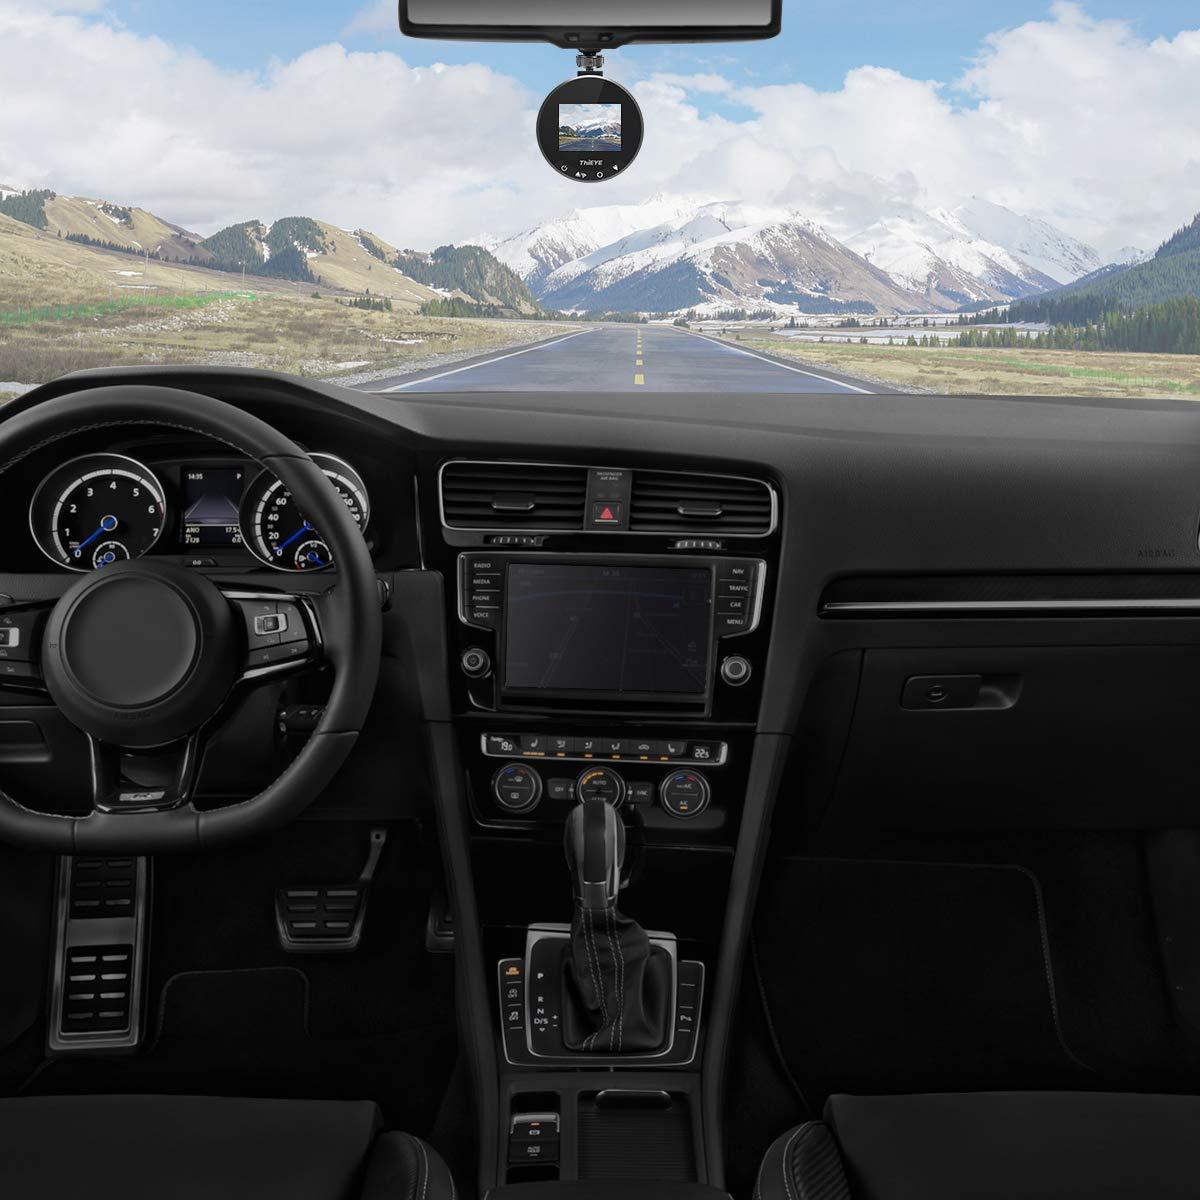 THIEYE Dash Cam Mount Holder Mirror Mount Suitable for Dash Cam Safeel Zero